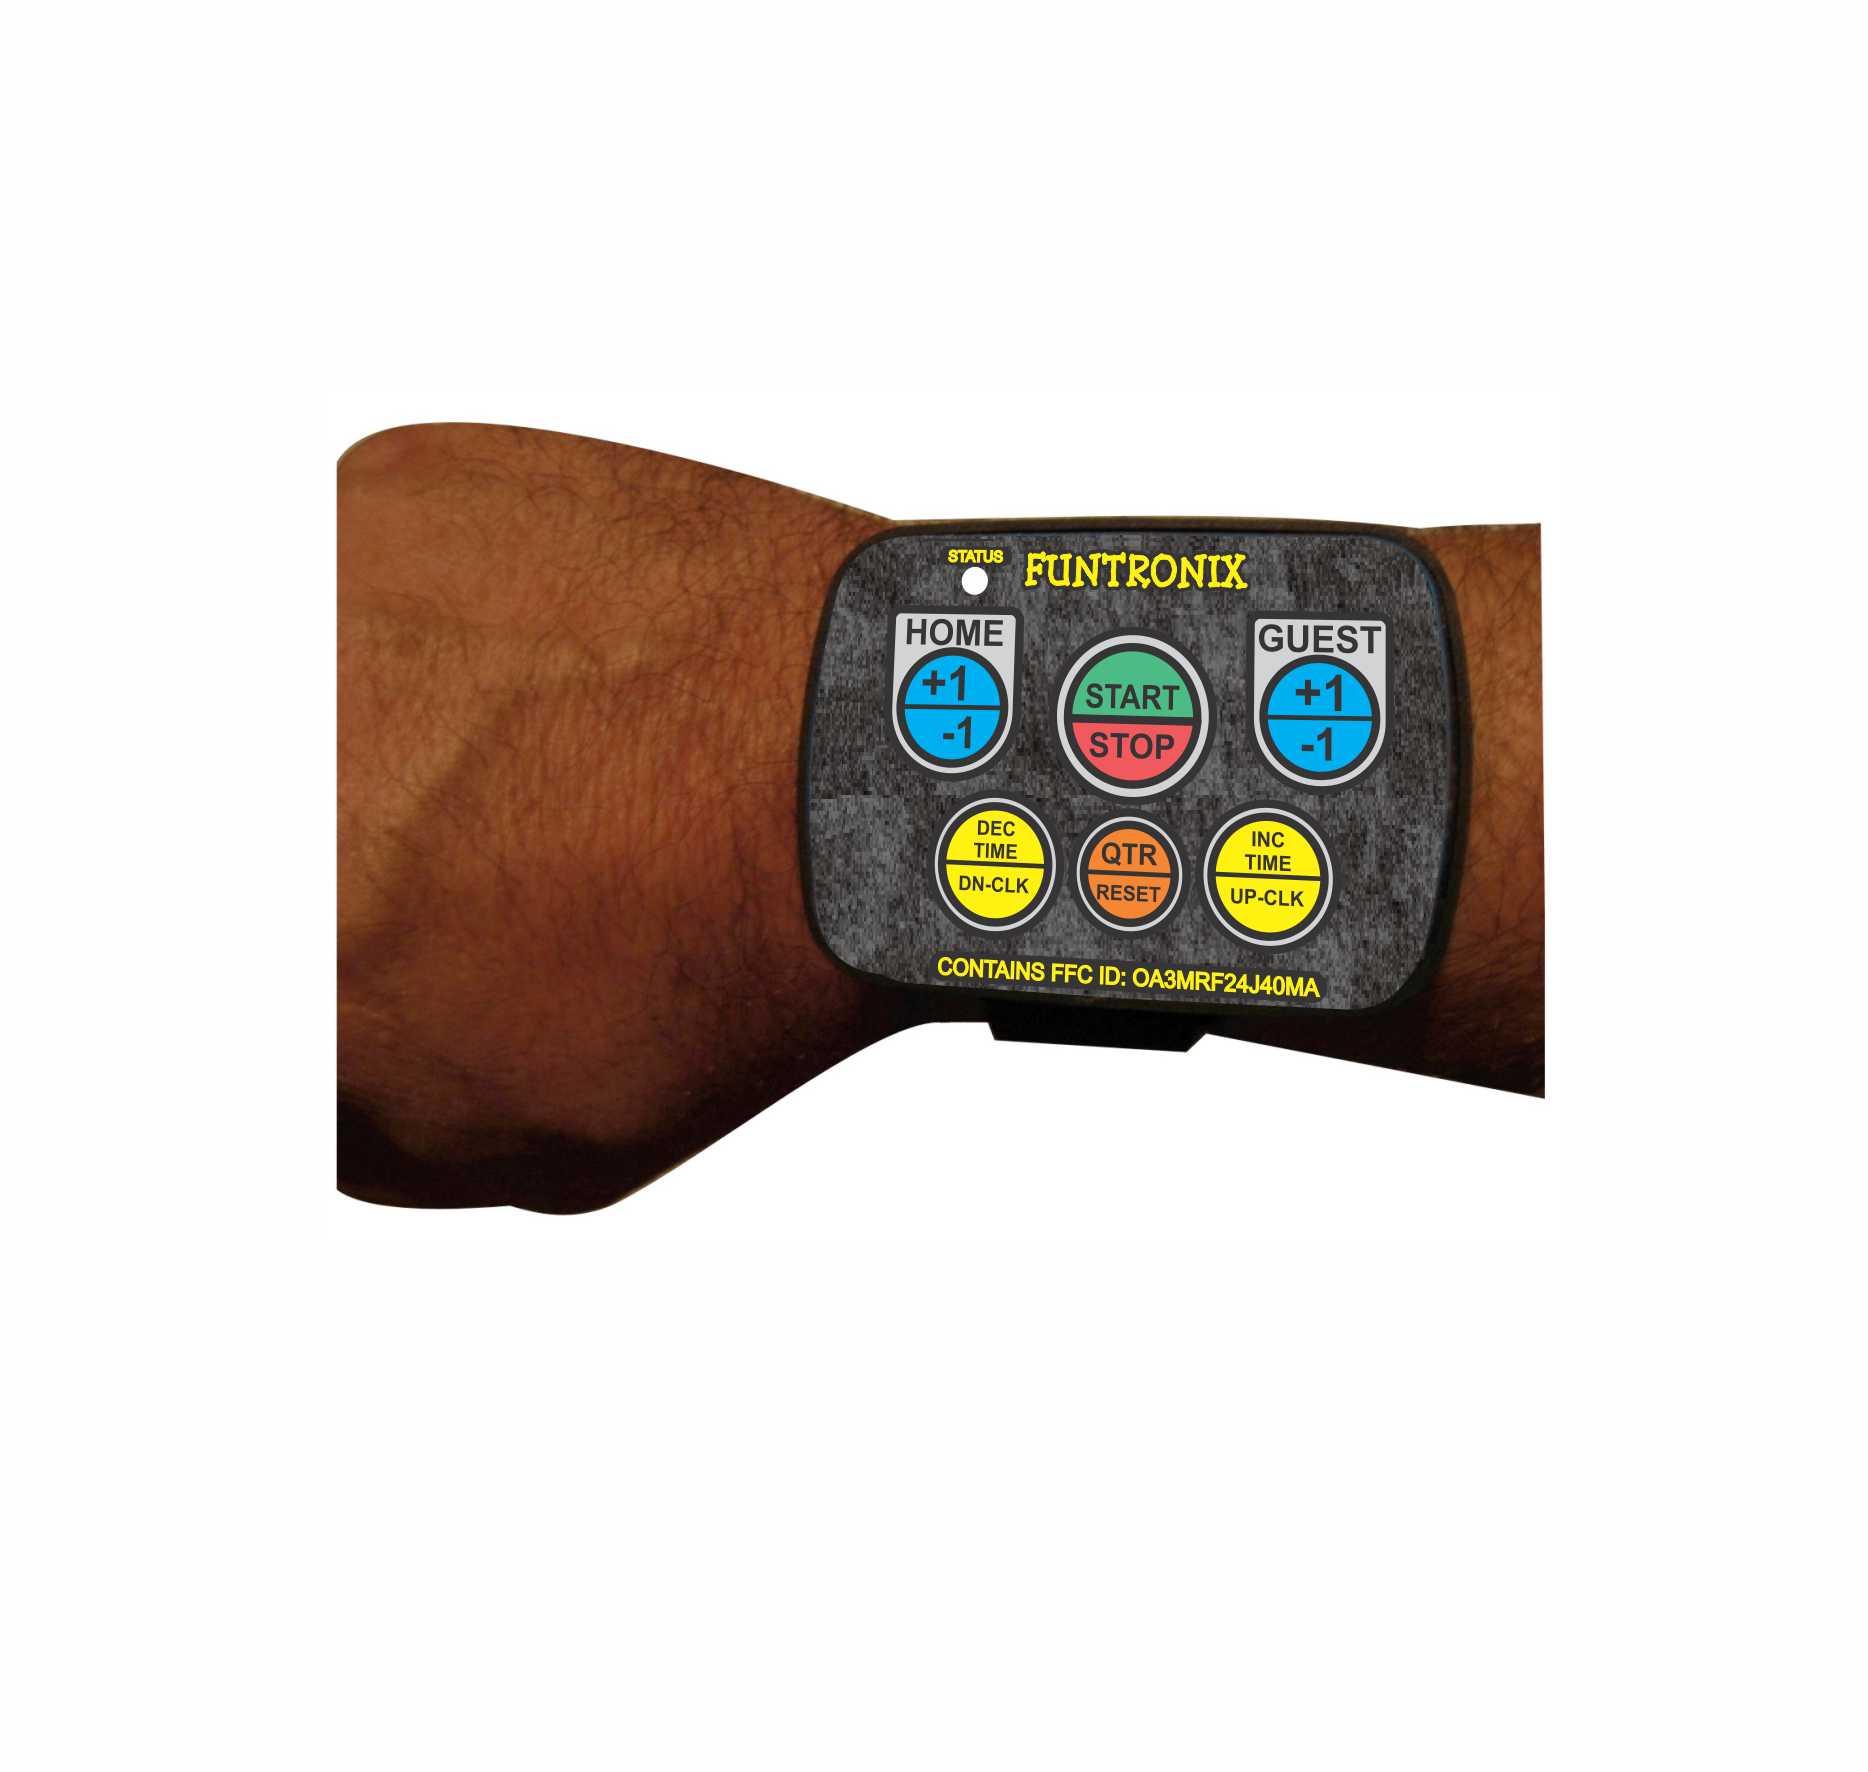 Wrist-remote controller